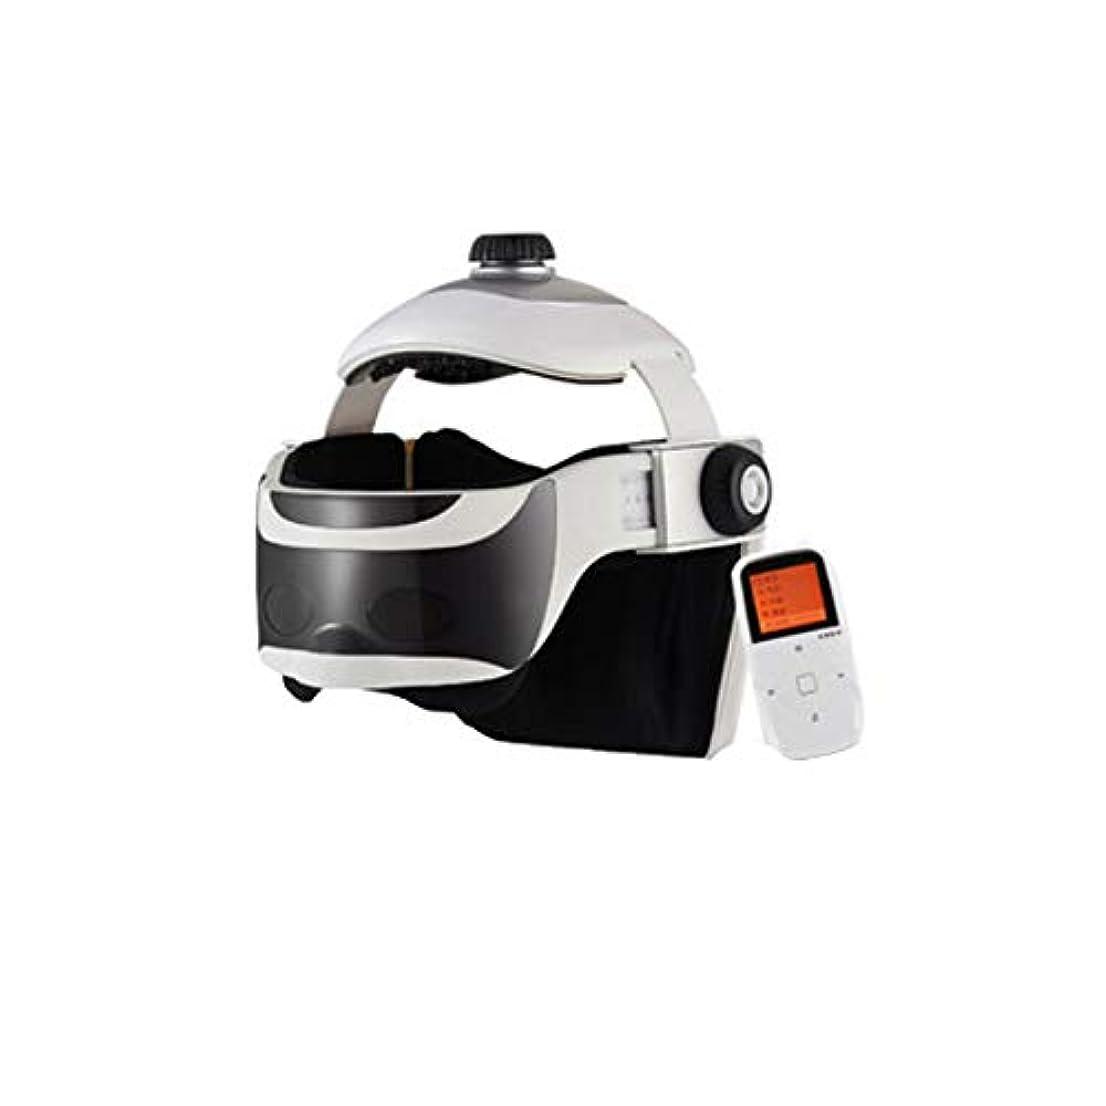 実験をするペグダウンマッサージャー - マッサージャーホーム練り頭皮マッサージヘルメット (色 : Wireless version)